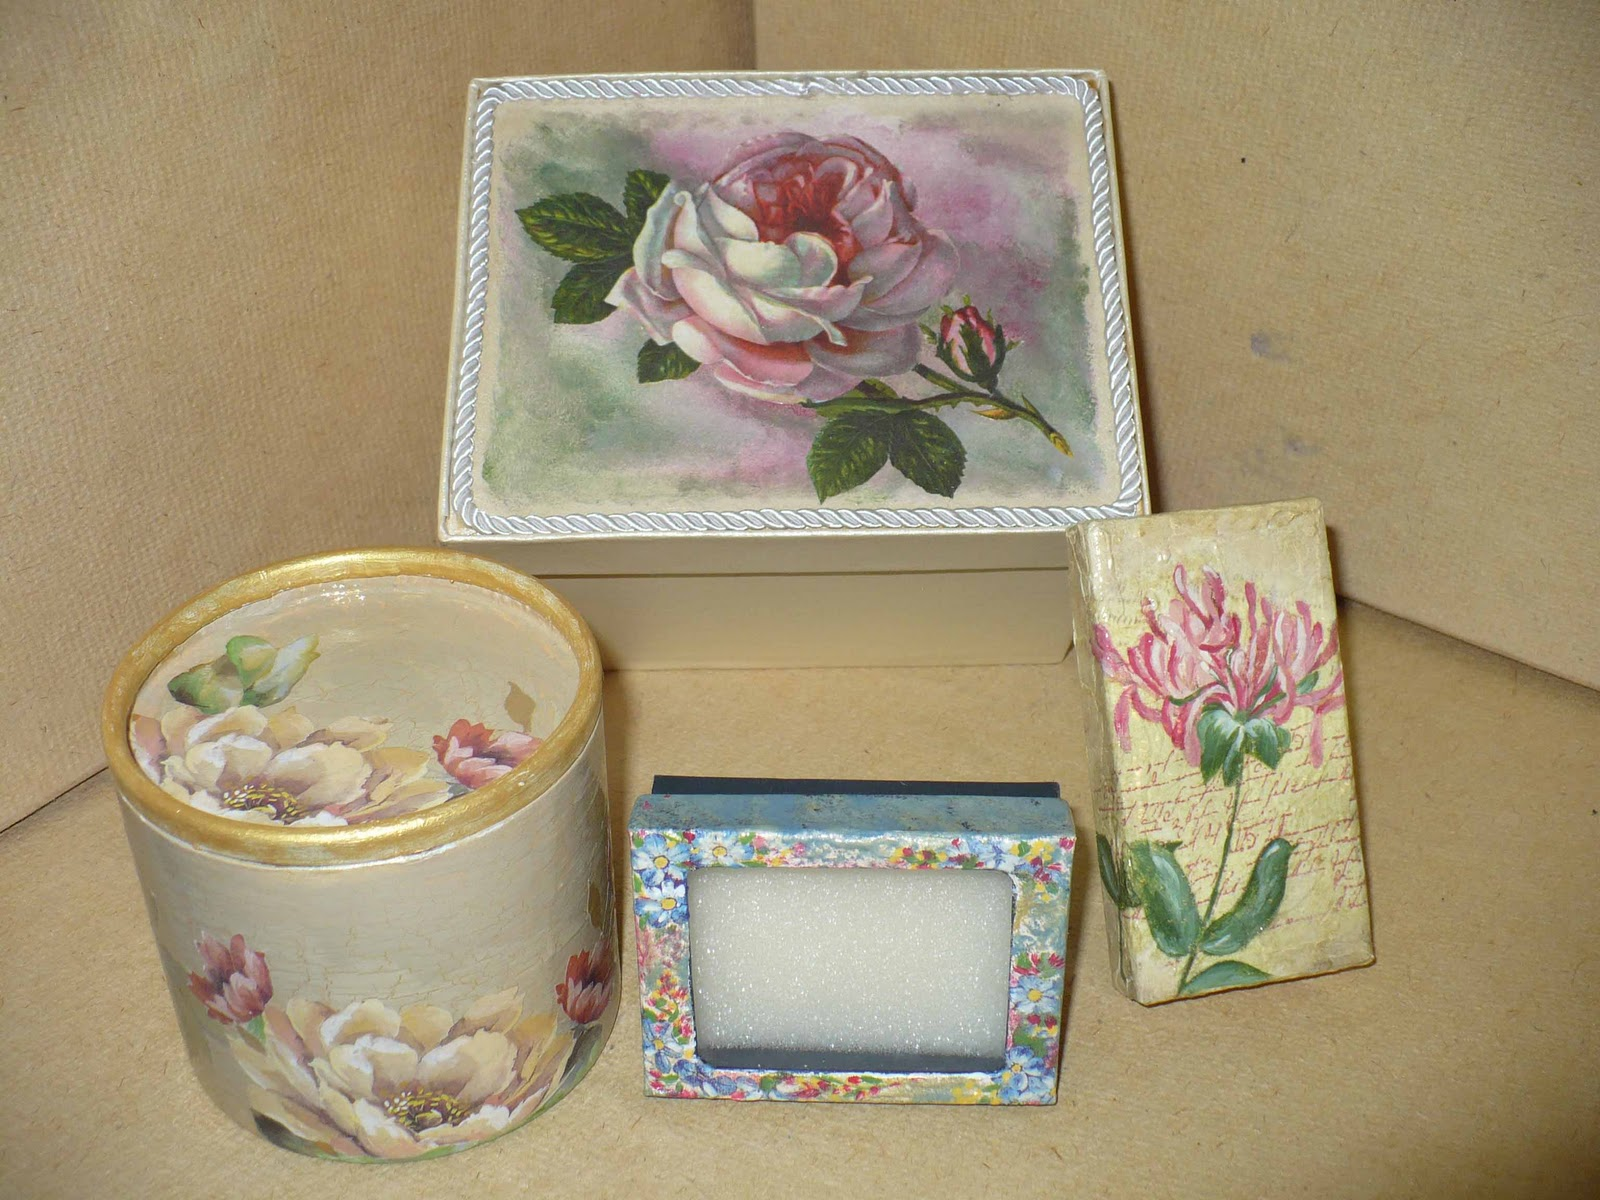 Laboratorio villanella scatola rosa 10 00 - Scatola porta orecchini ...